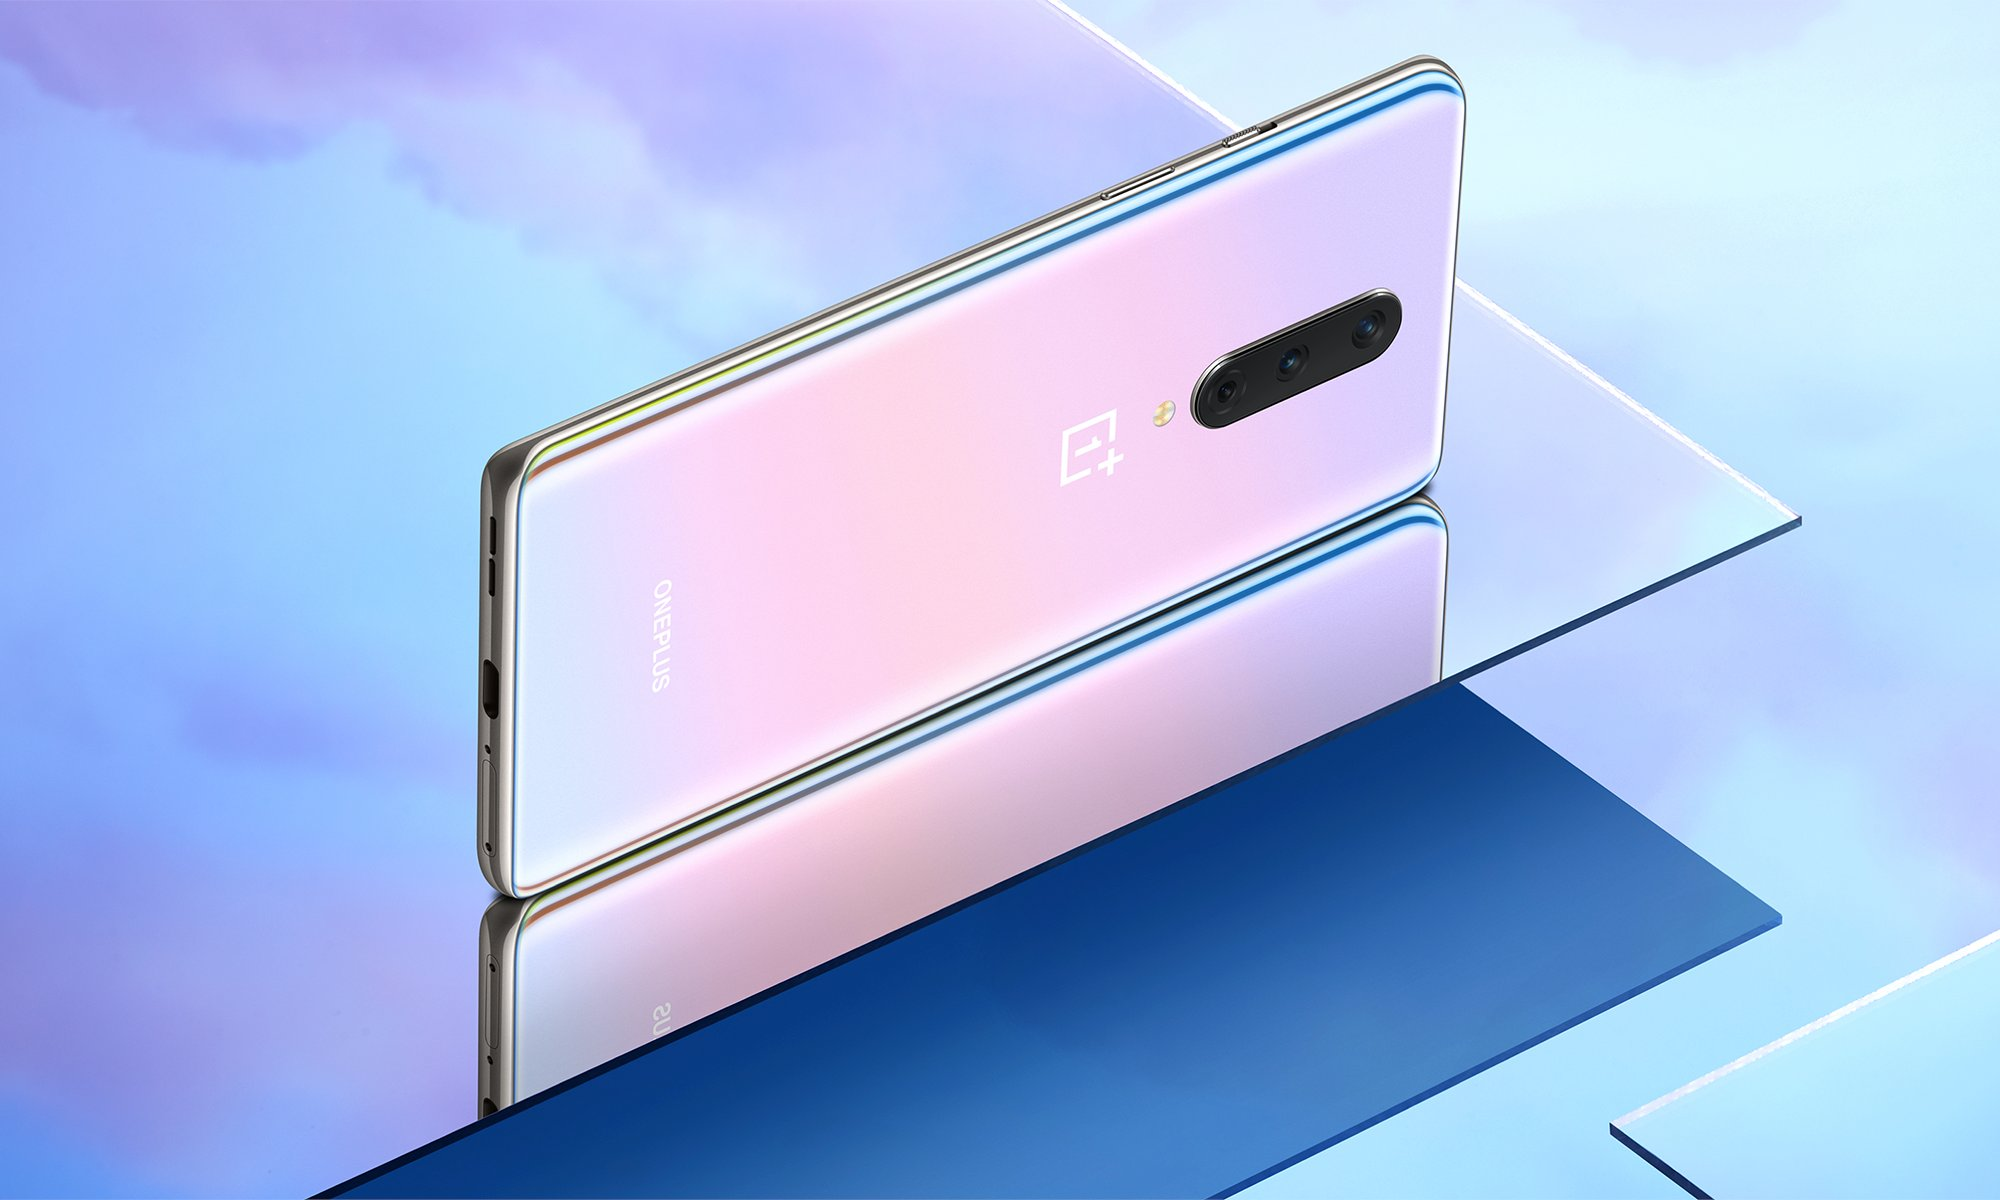 OnePlus 8 Interstellar Glow smartphone